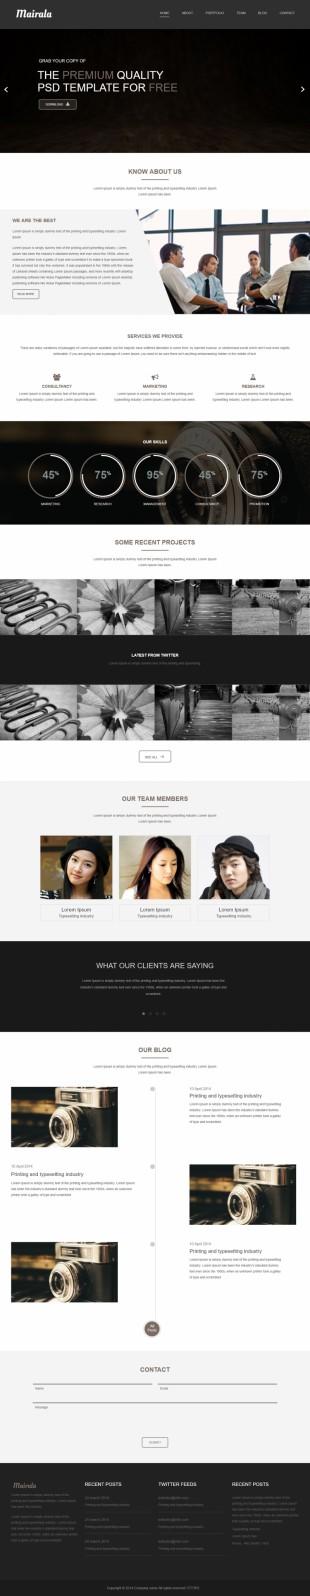 推荐黑色宽屏响应式商业服务公司英文模板网站制作响应式网站电脑图片